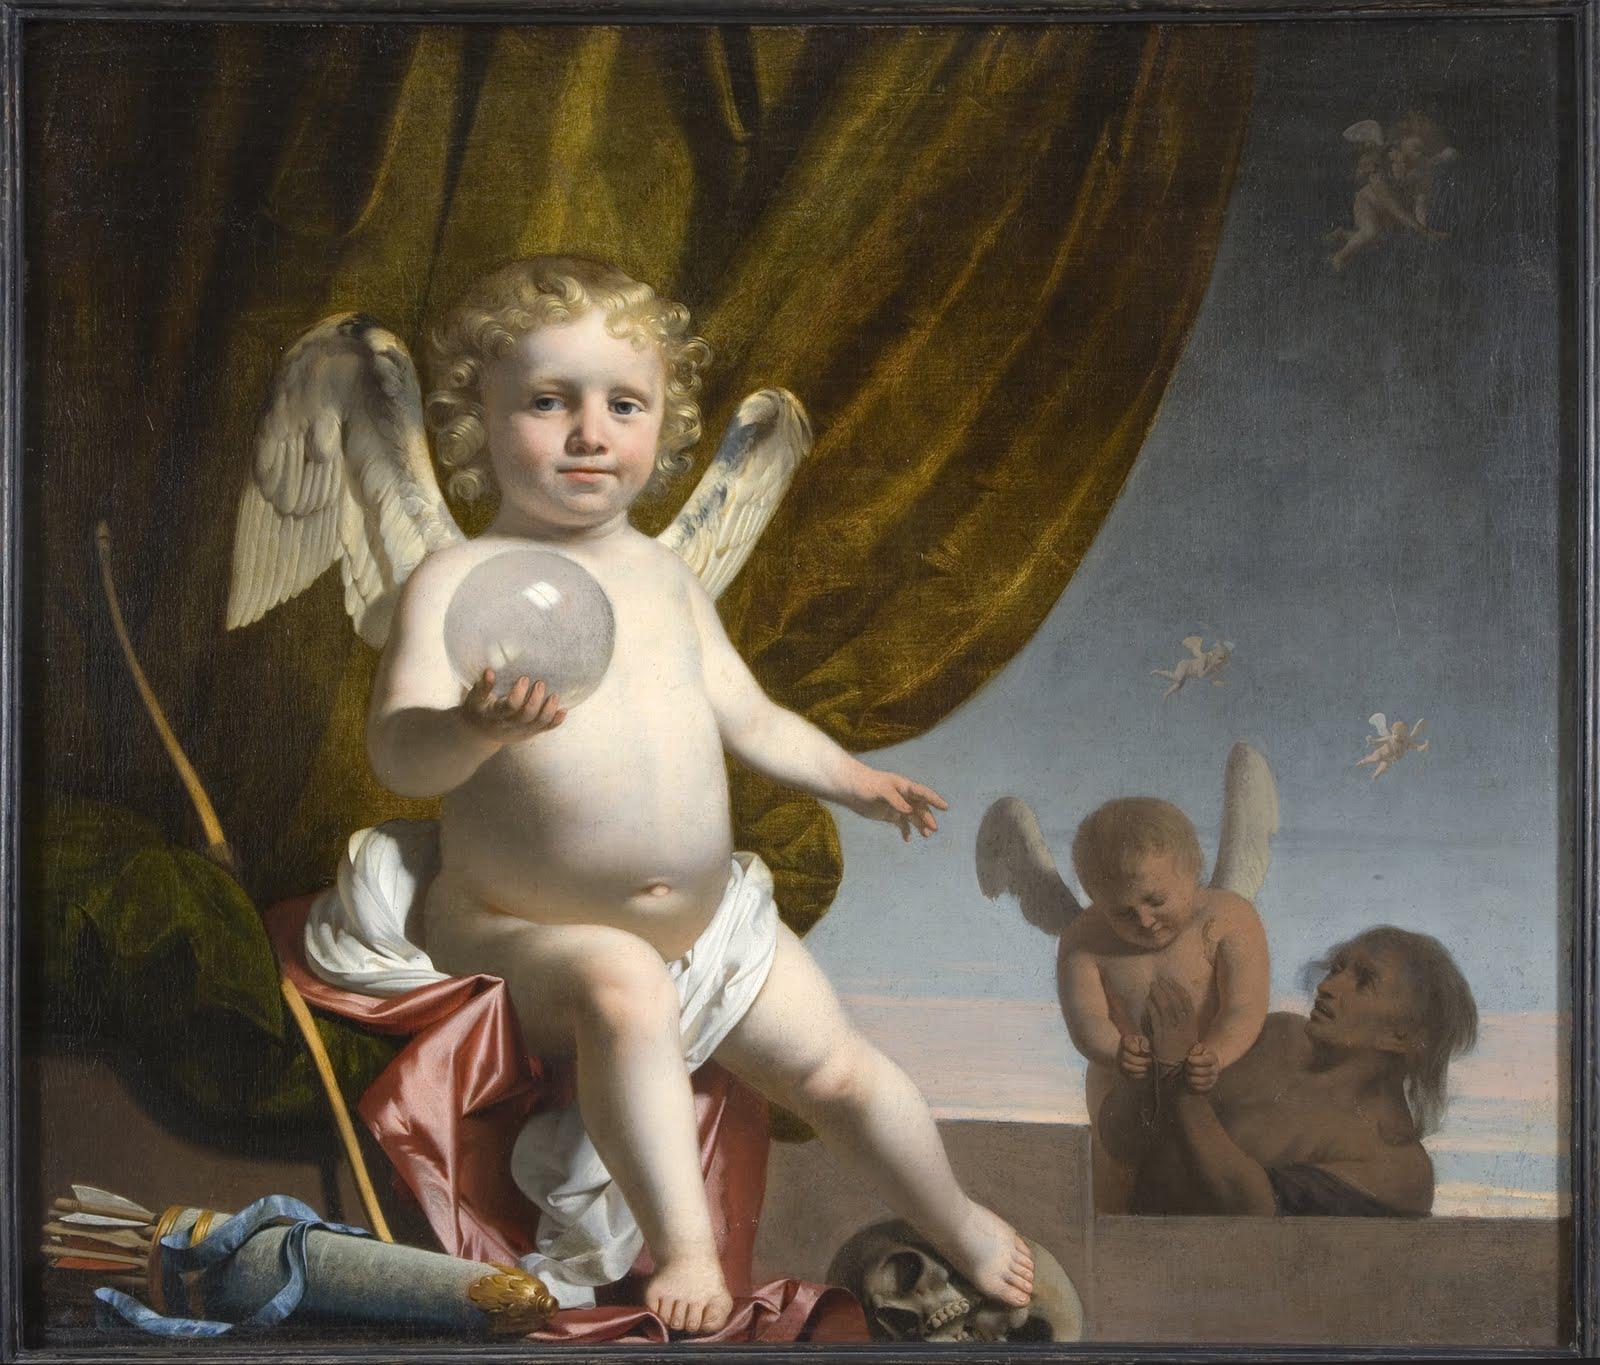 Une peinture représentant un ange tenant une orbe translucide dans la main droite